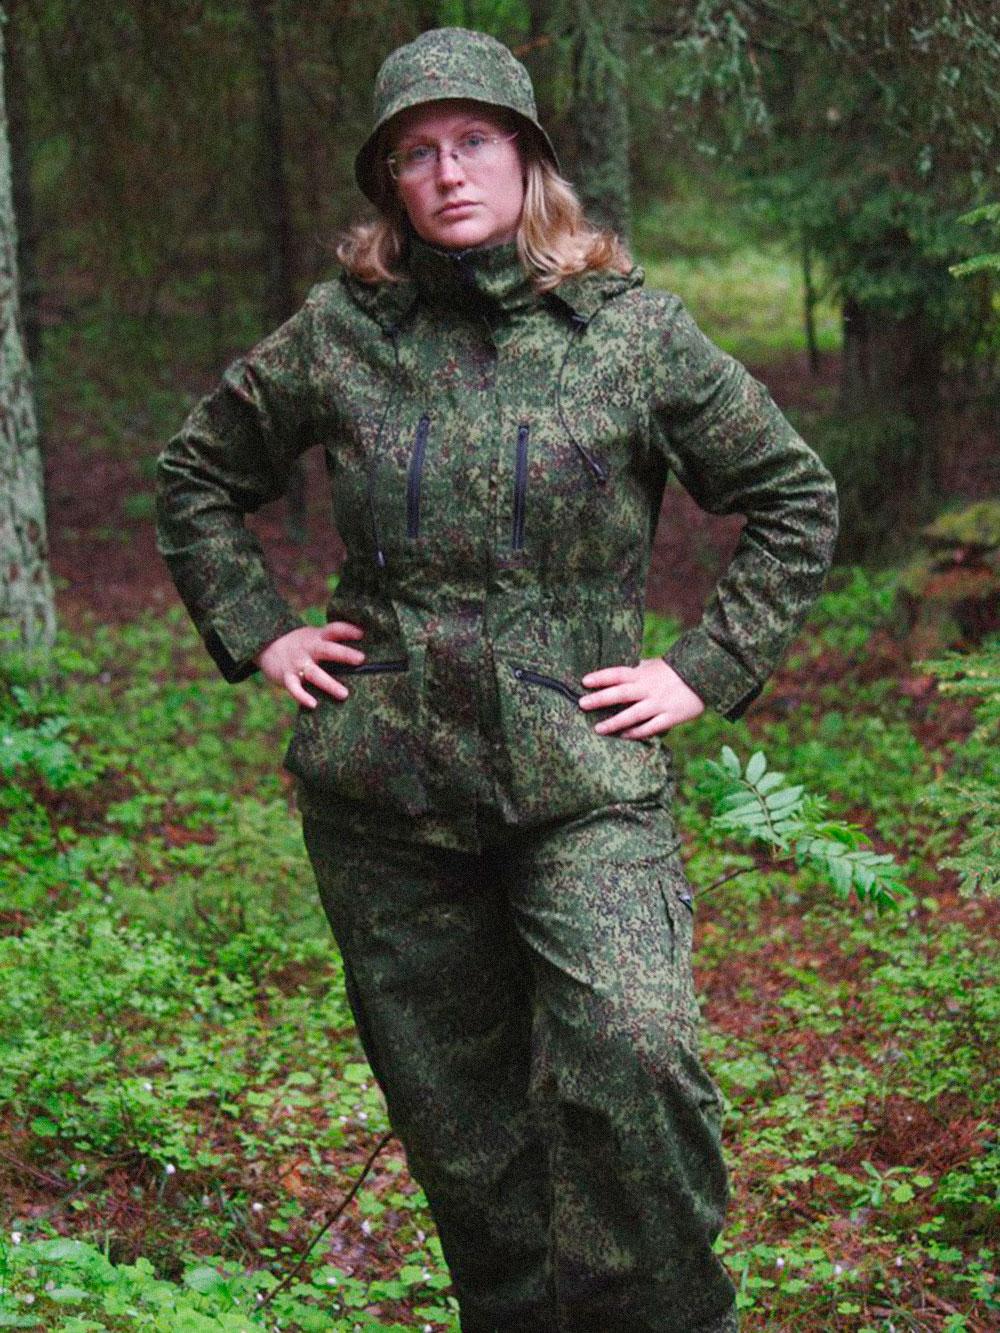 Мой камуфляжный костюм. Шила на заказ в 2017&nbsp;году за 4000<span class=ruble>Р</span>